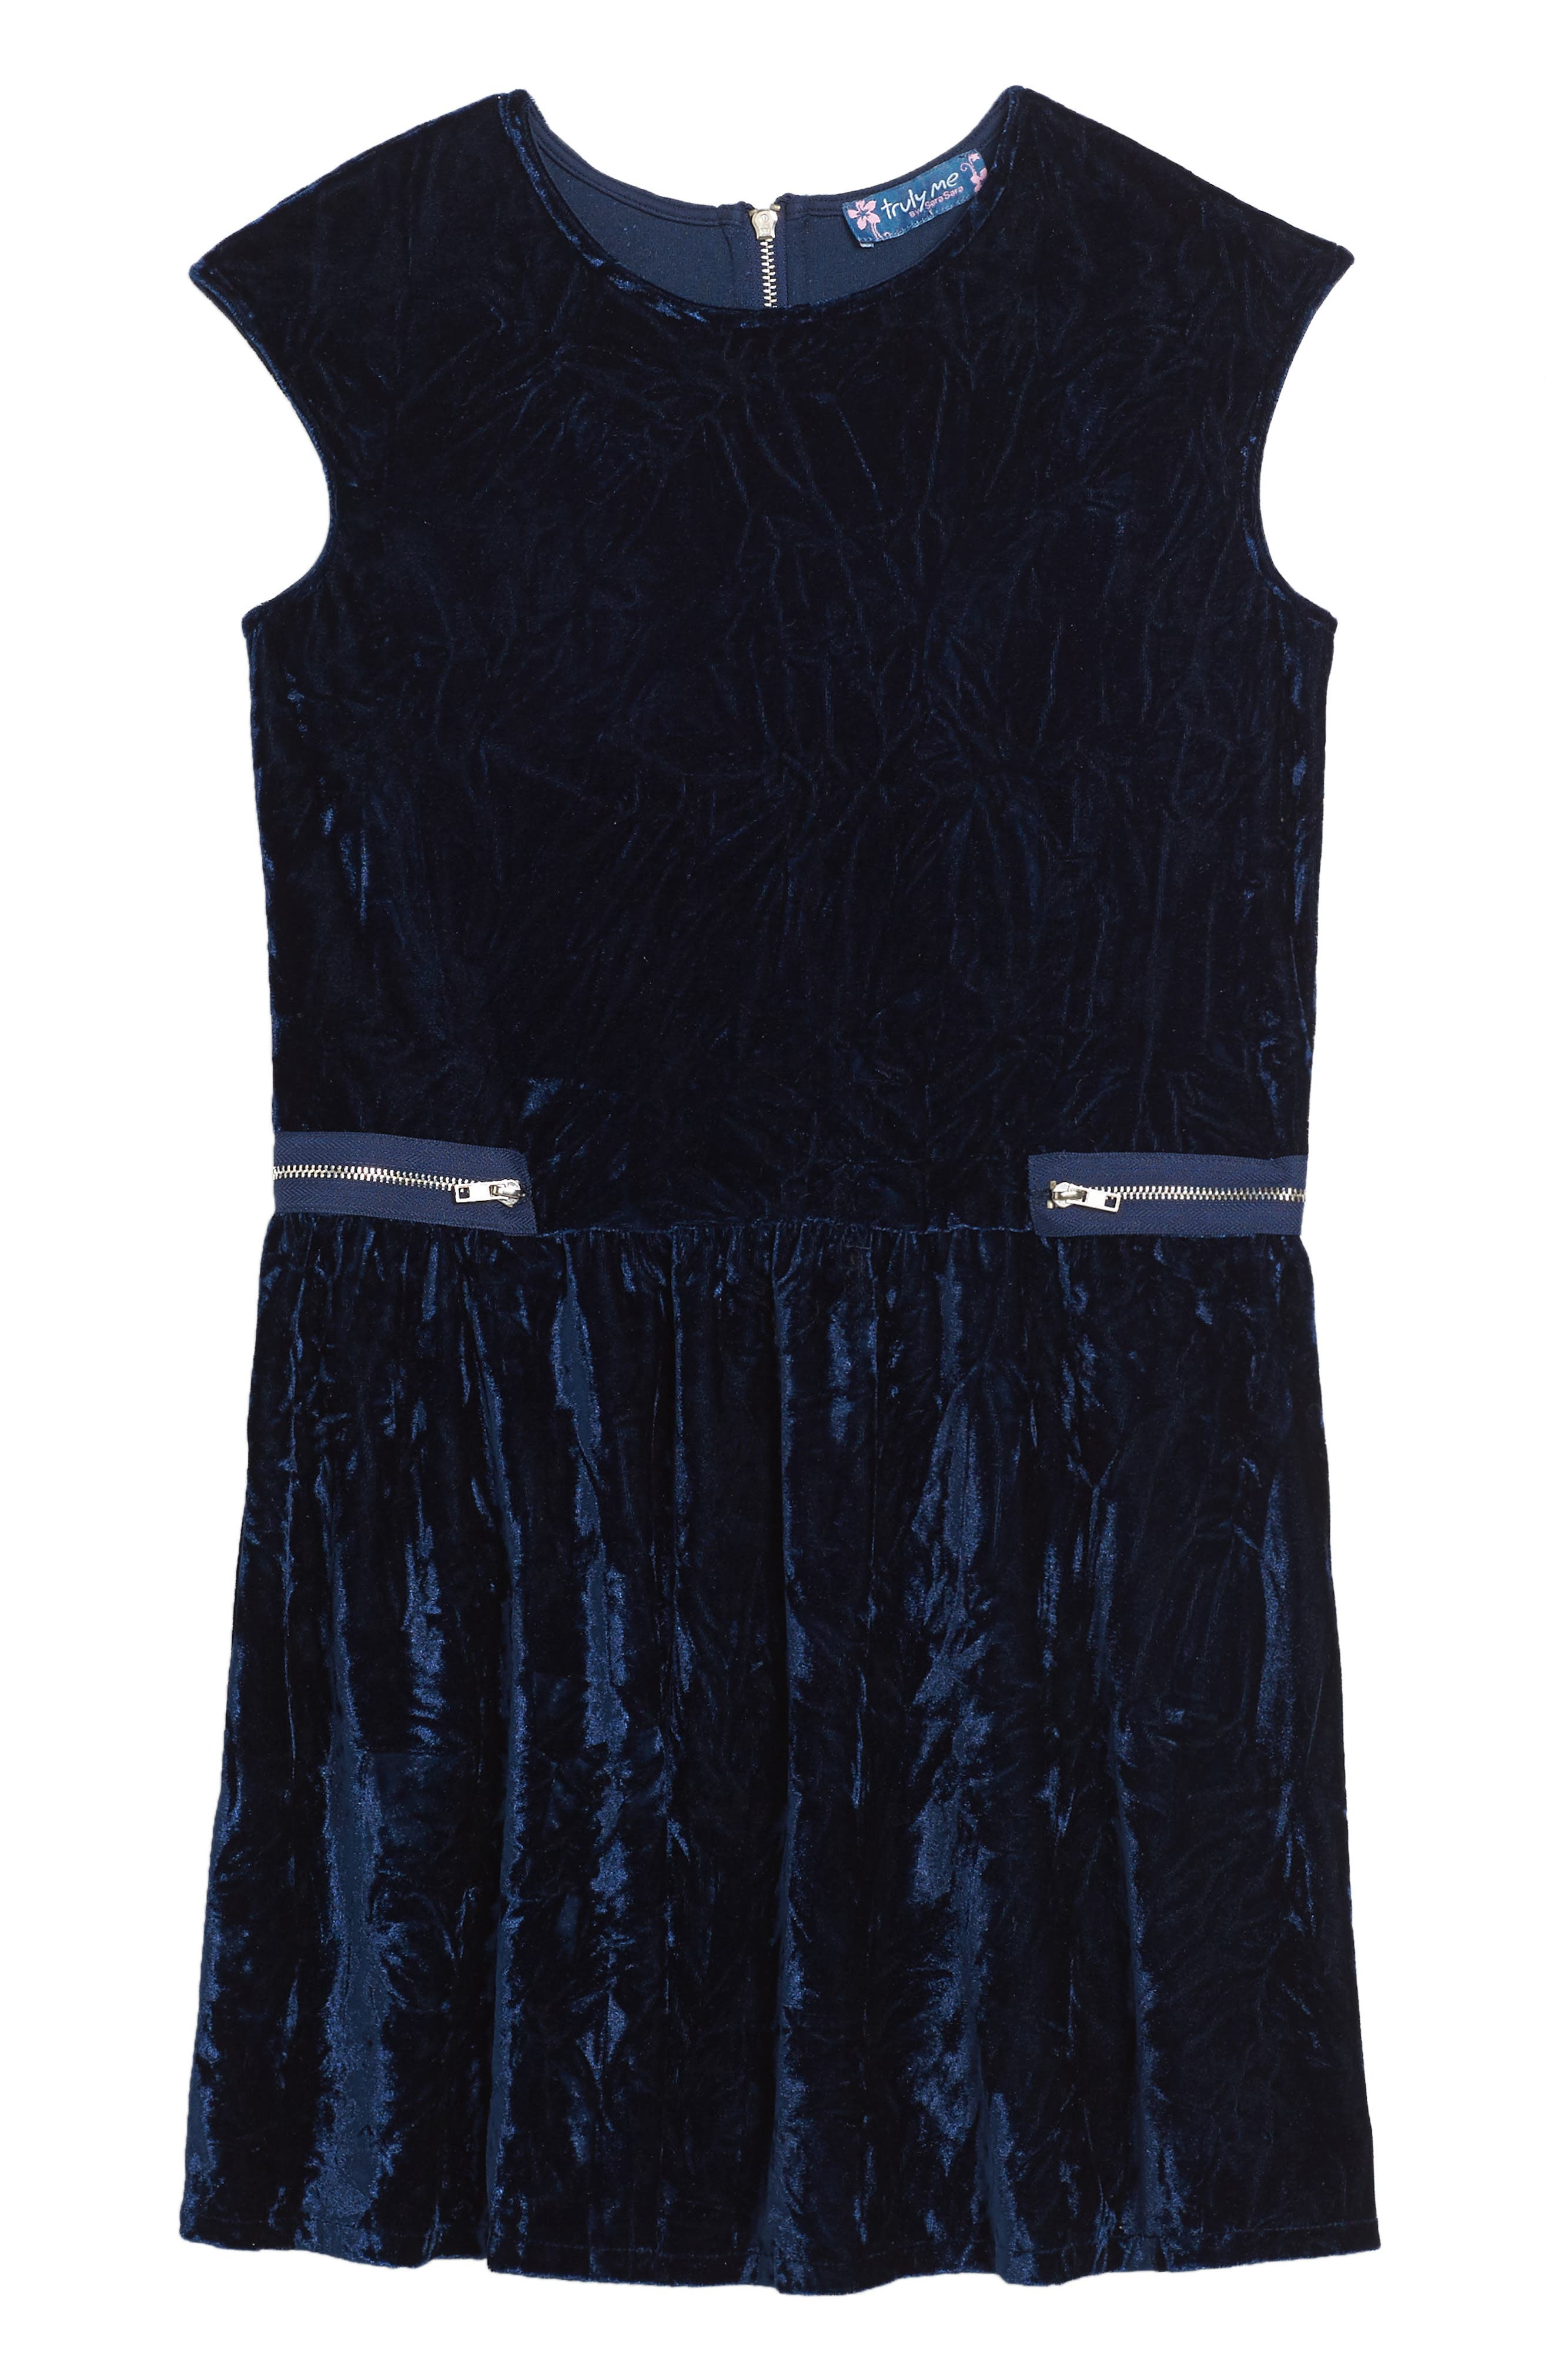 Alternate Image 1 Selected - Truly Me Velvet Dress (Big Girls)